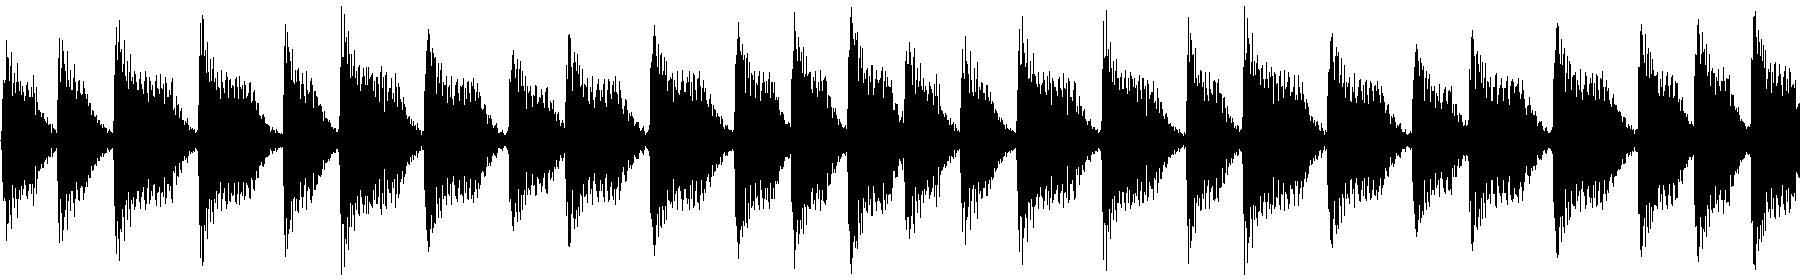 06 dh2 piano loop a 124